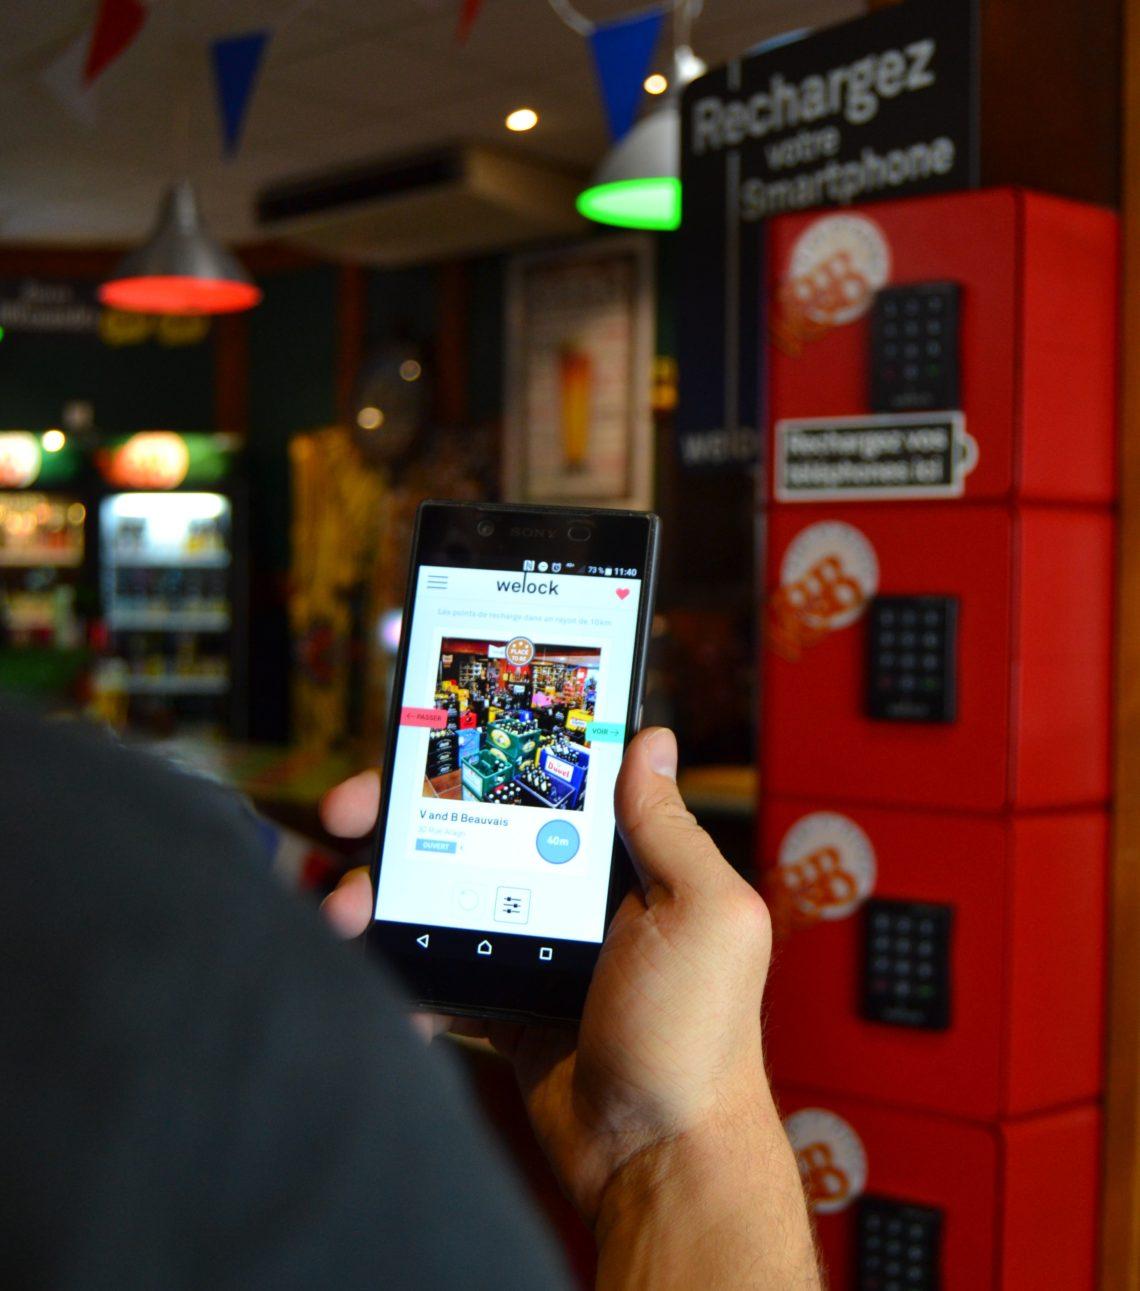 Les lieux équipés de stations de rechargement pour téléphones portables welock sont référencés sous forme de fiches lieux sur notre application